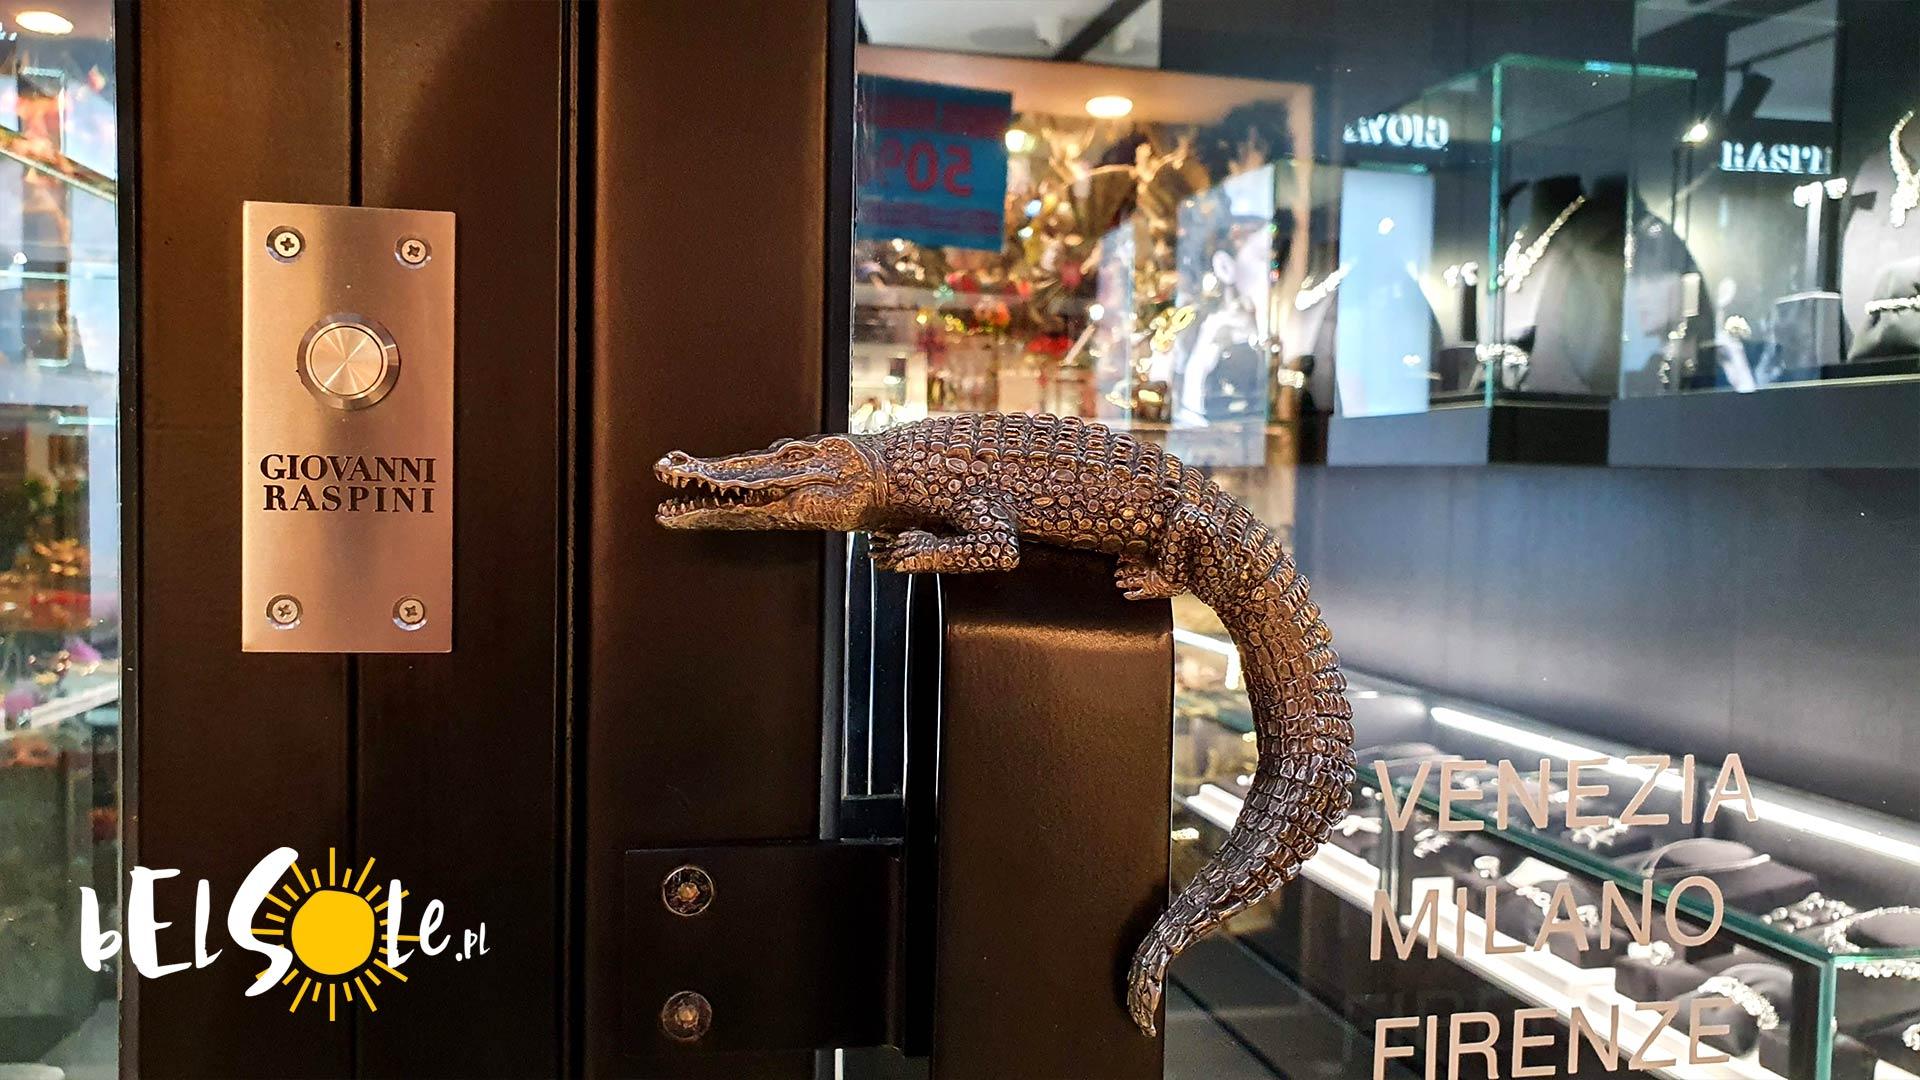 klamka w kształcie krokodyla